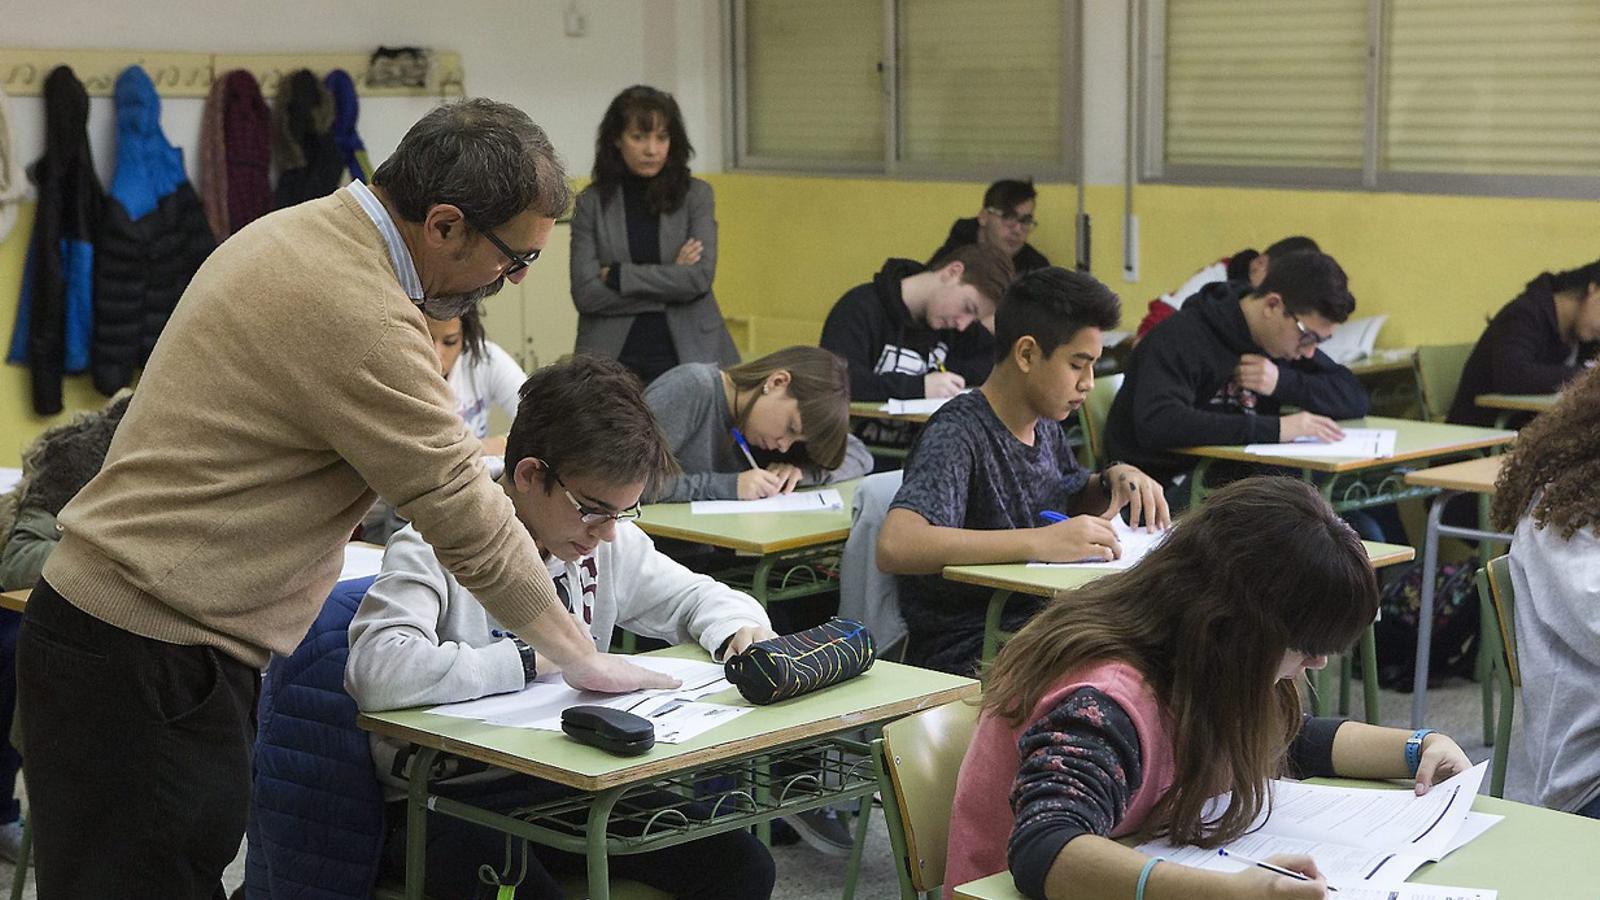 L'OCDE detecta un possible frau en les proves de lectura de l'informe PISA a Espanya